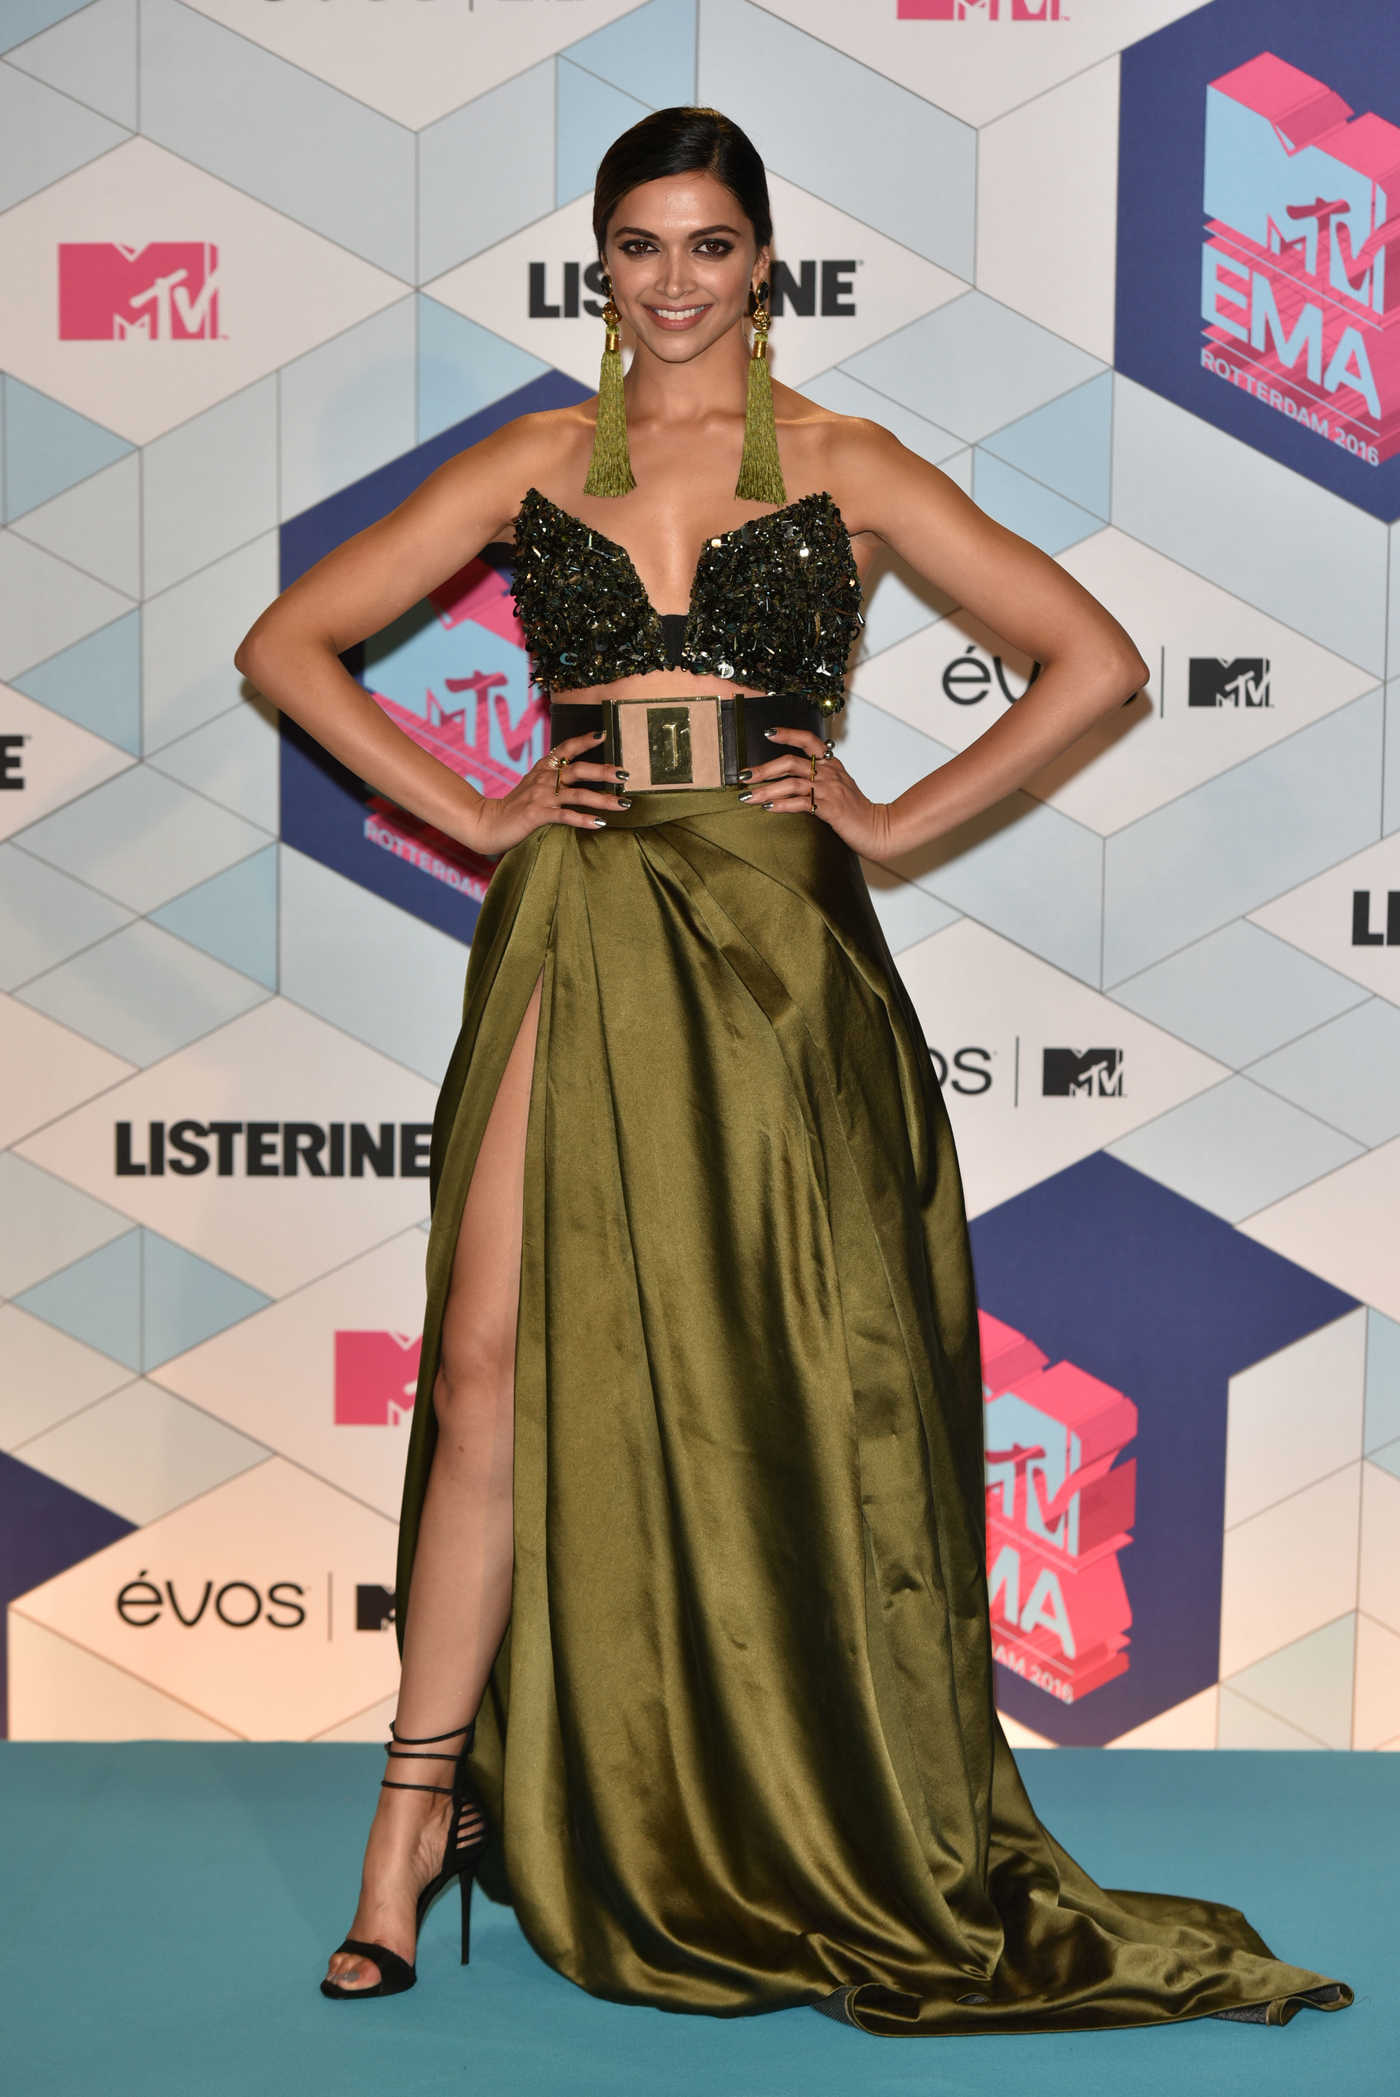 Deepika Padukone at the MTV Europe Music Awards in Rotterdam 11/06/2016